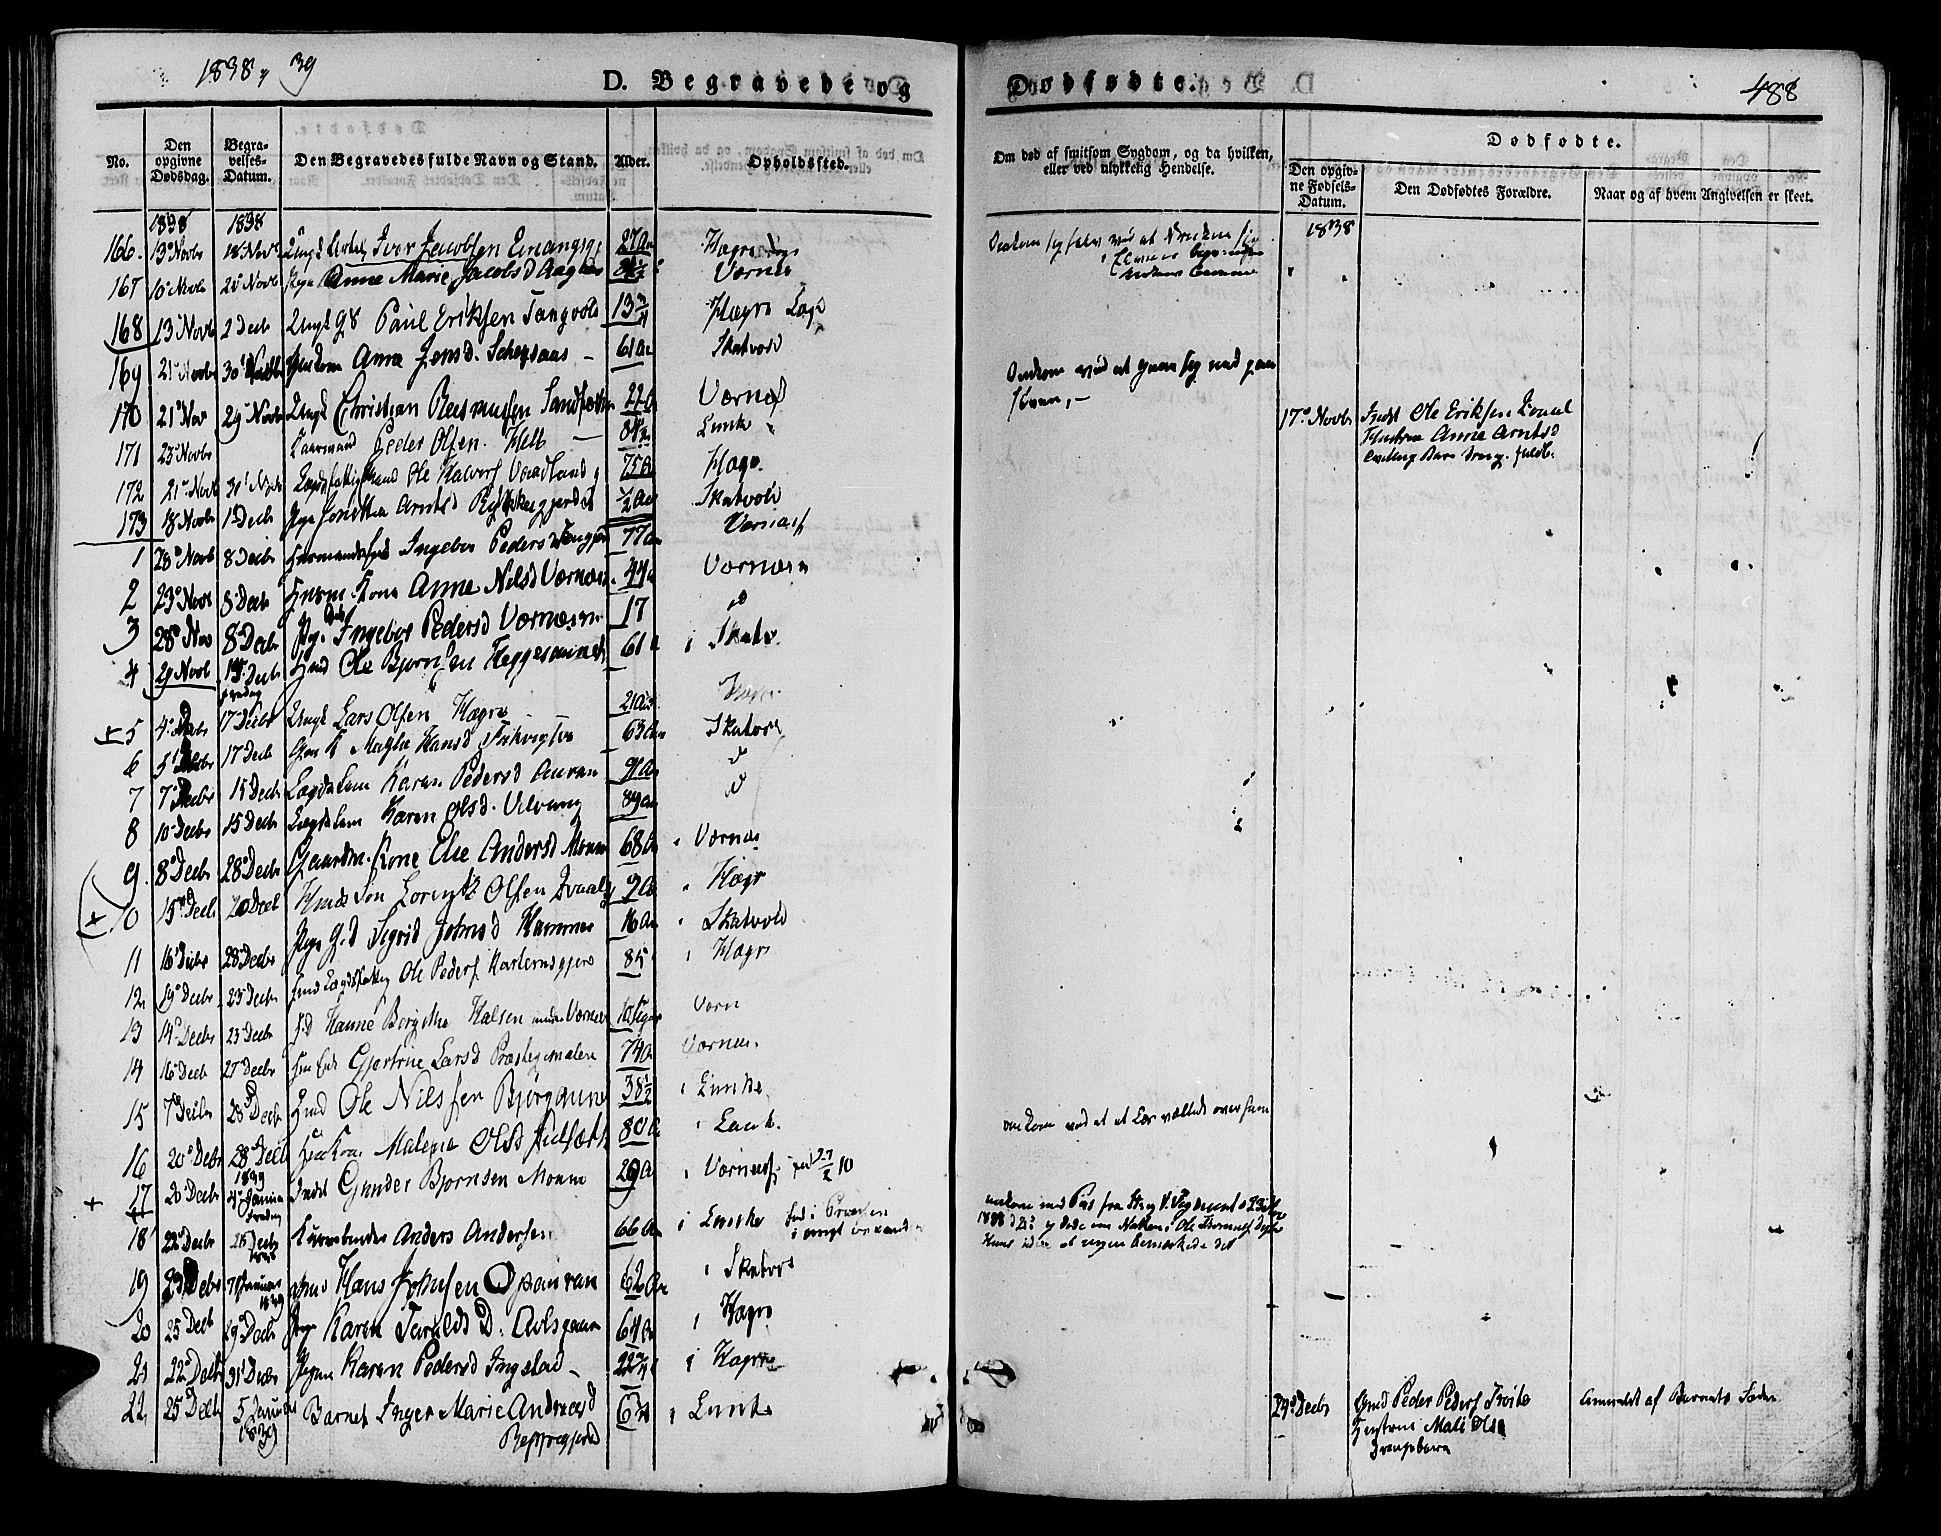 SAT, Ministerialprotokoller, klokkerbøker og fødselsregistre - Nord-Trøndelag, 709/L0072: Ministerialbok nr. 709A12, 1833-1844, s. 488